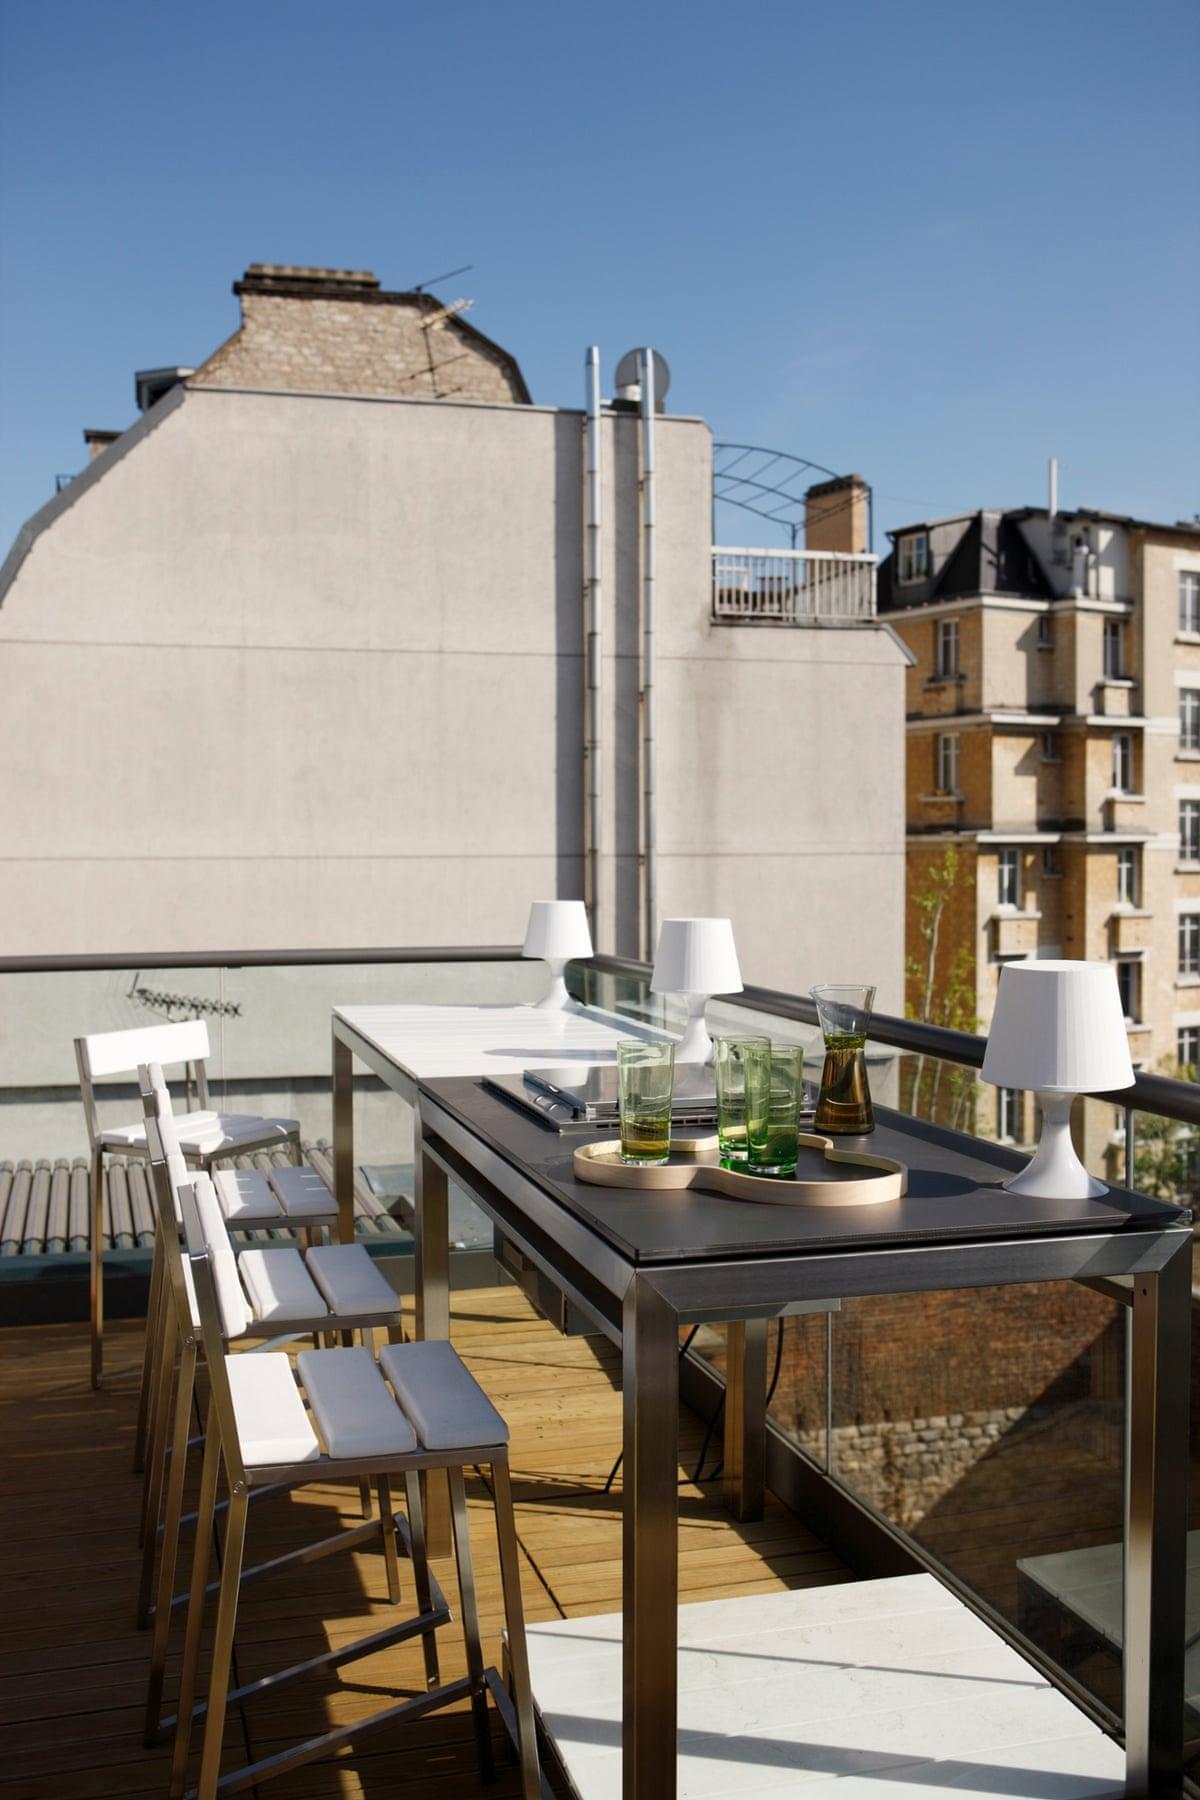 Maison de la lumi re a modern home in paris in pictures life and style - La maison de claire paris ...